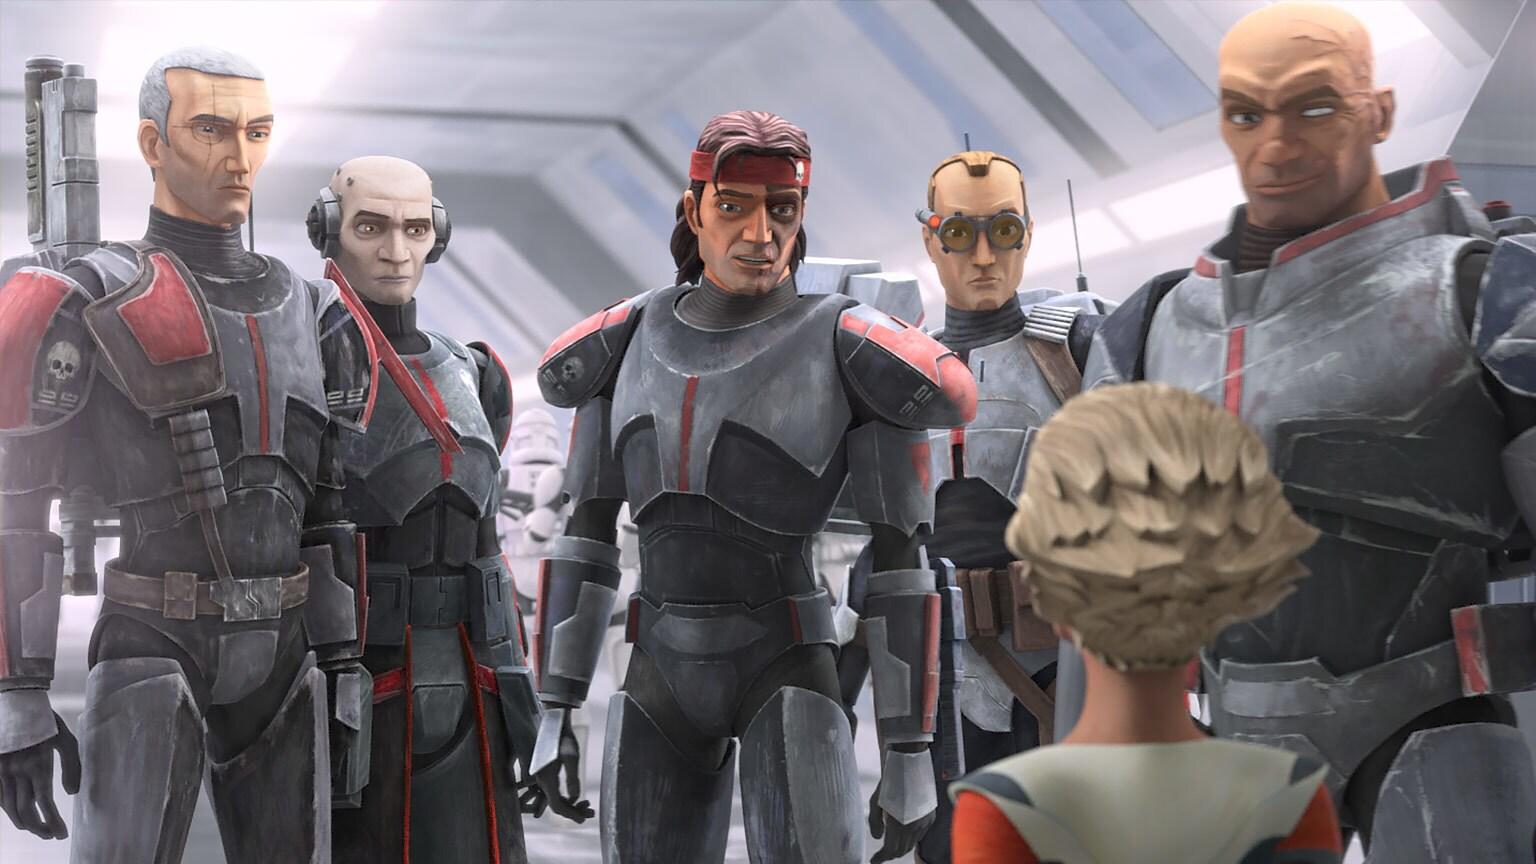 Desenho digital de personagens da série The Bad Batch